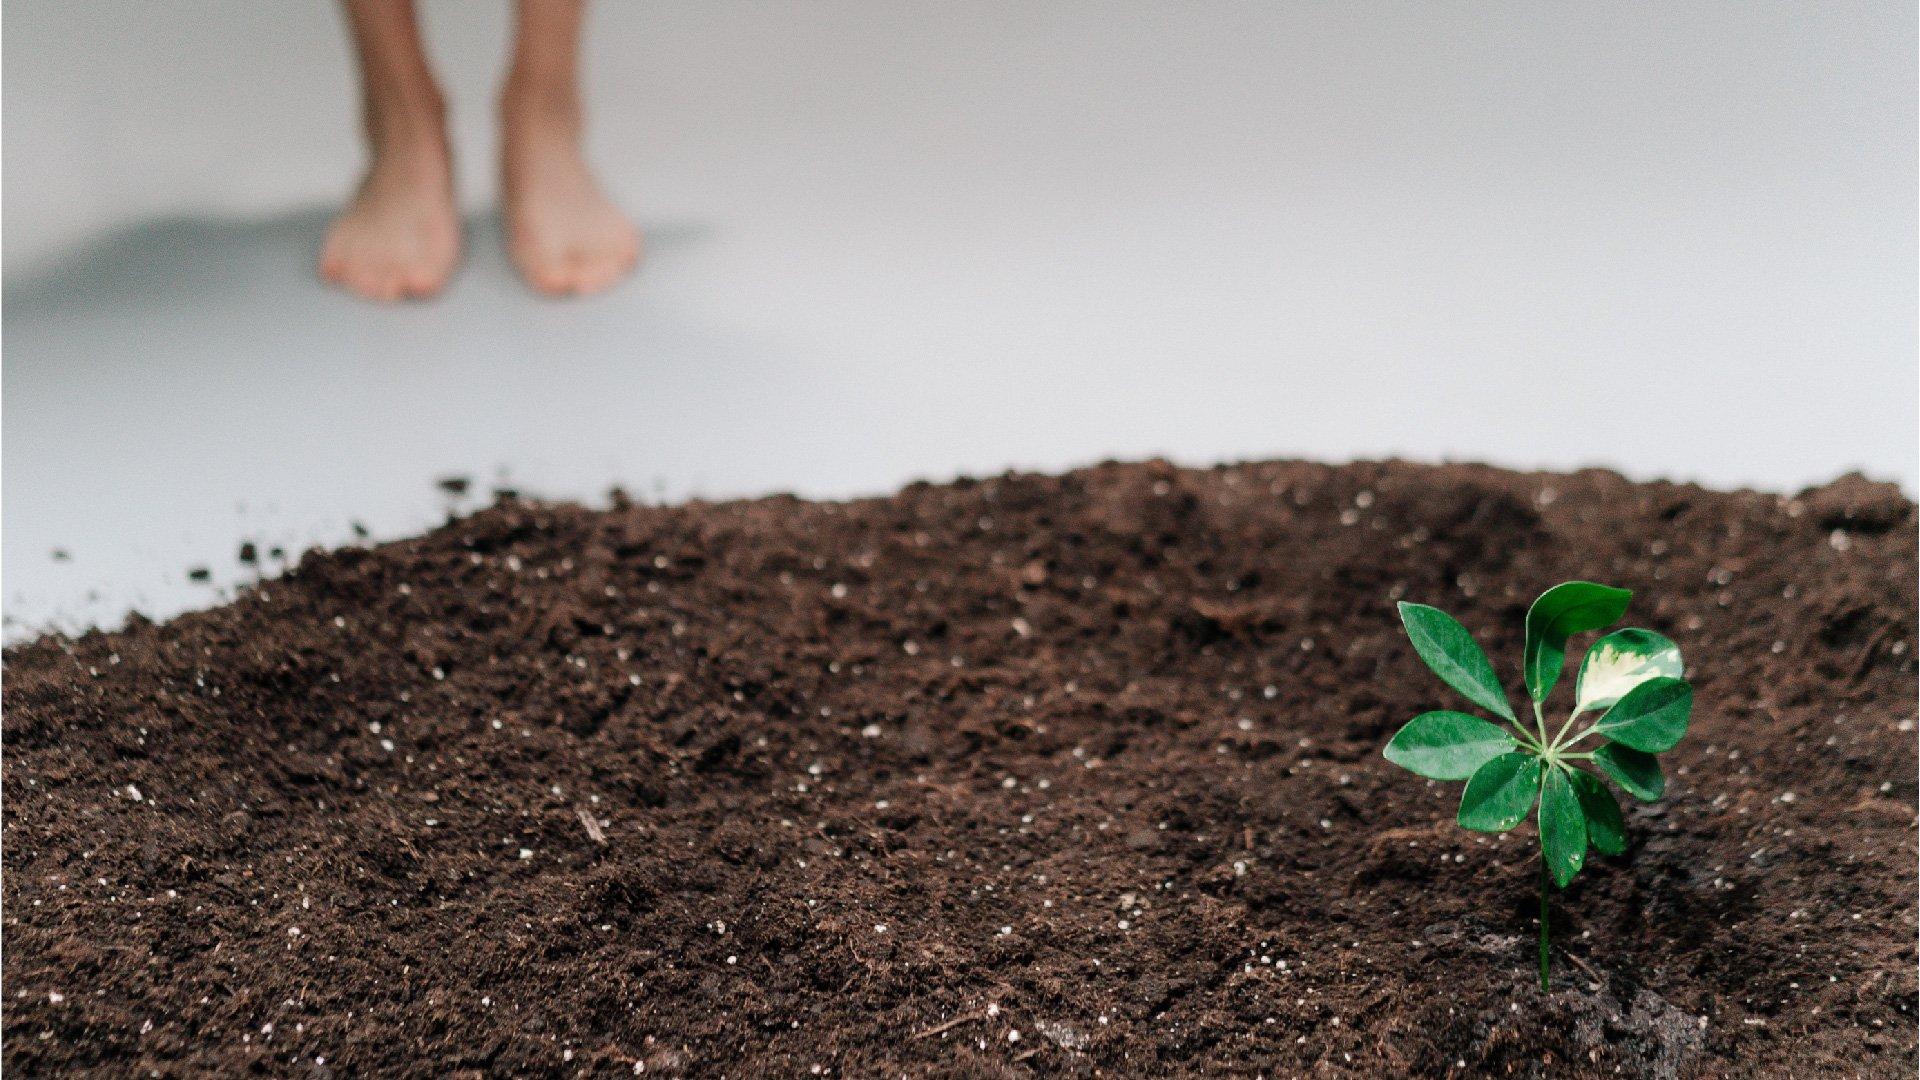 每個人都要減少碳足跡,讓地球降溫即刻救援,你開始了嗎?